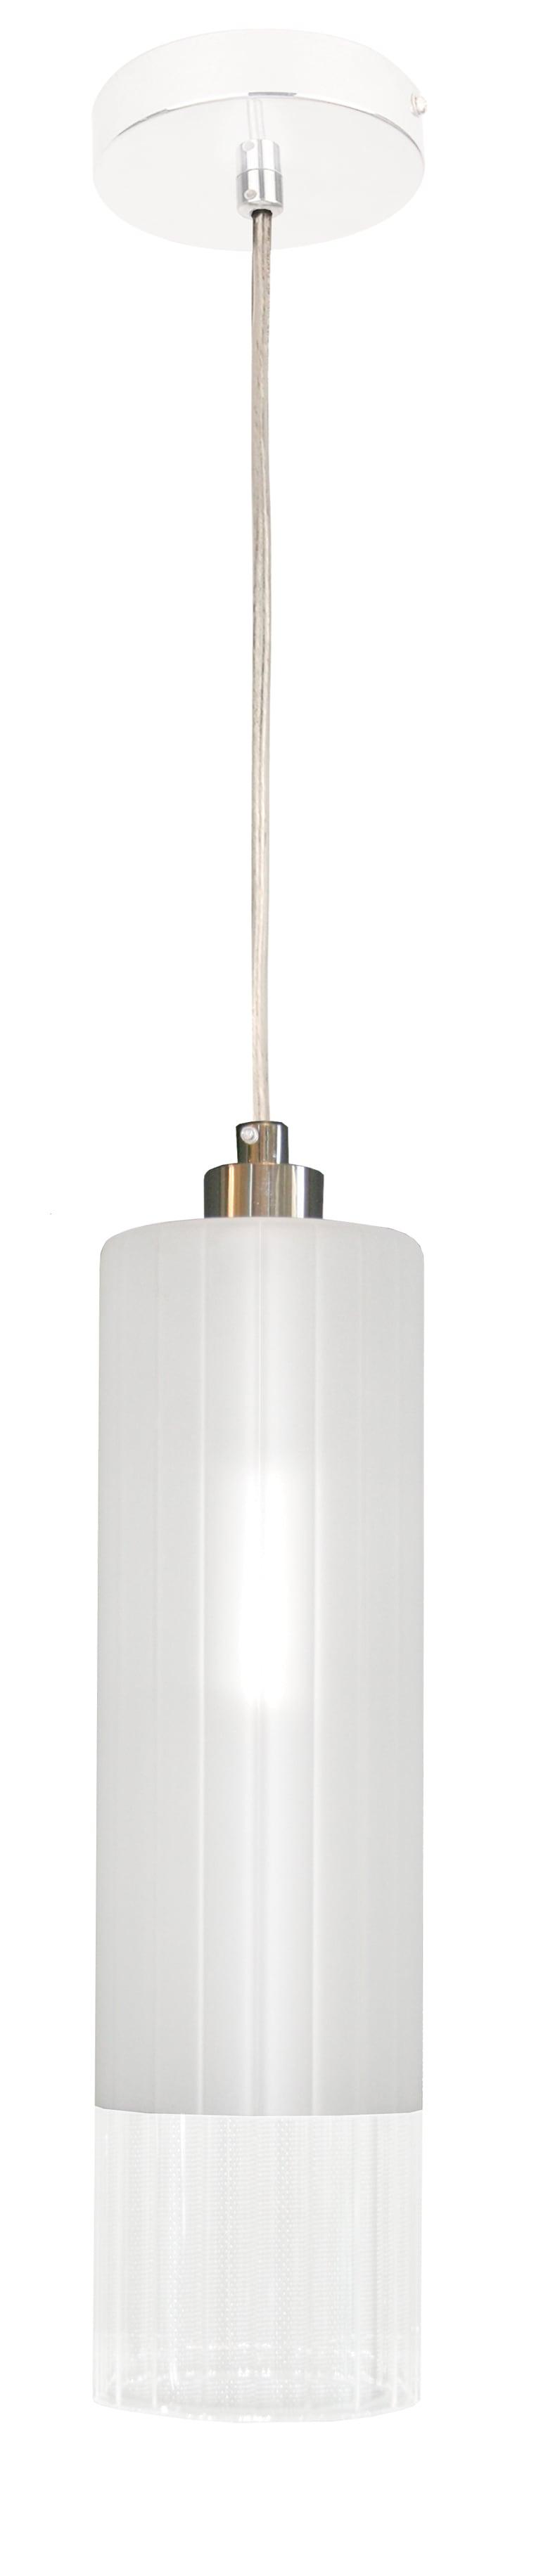 Lampa suspendată Soller 1 Tuba îngustă Jasna